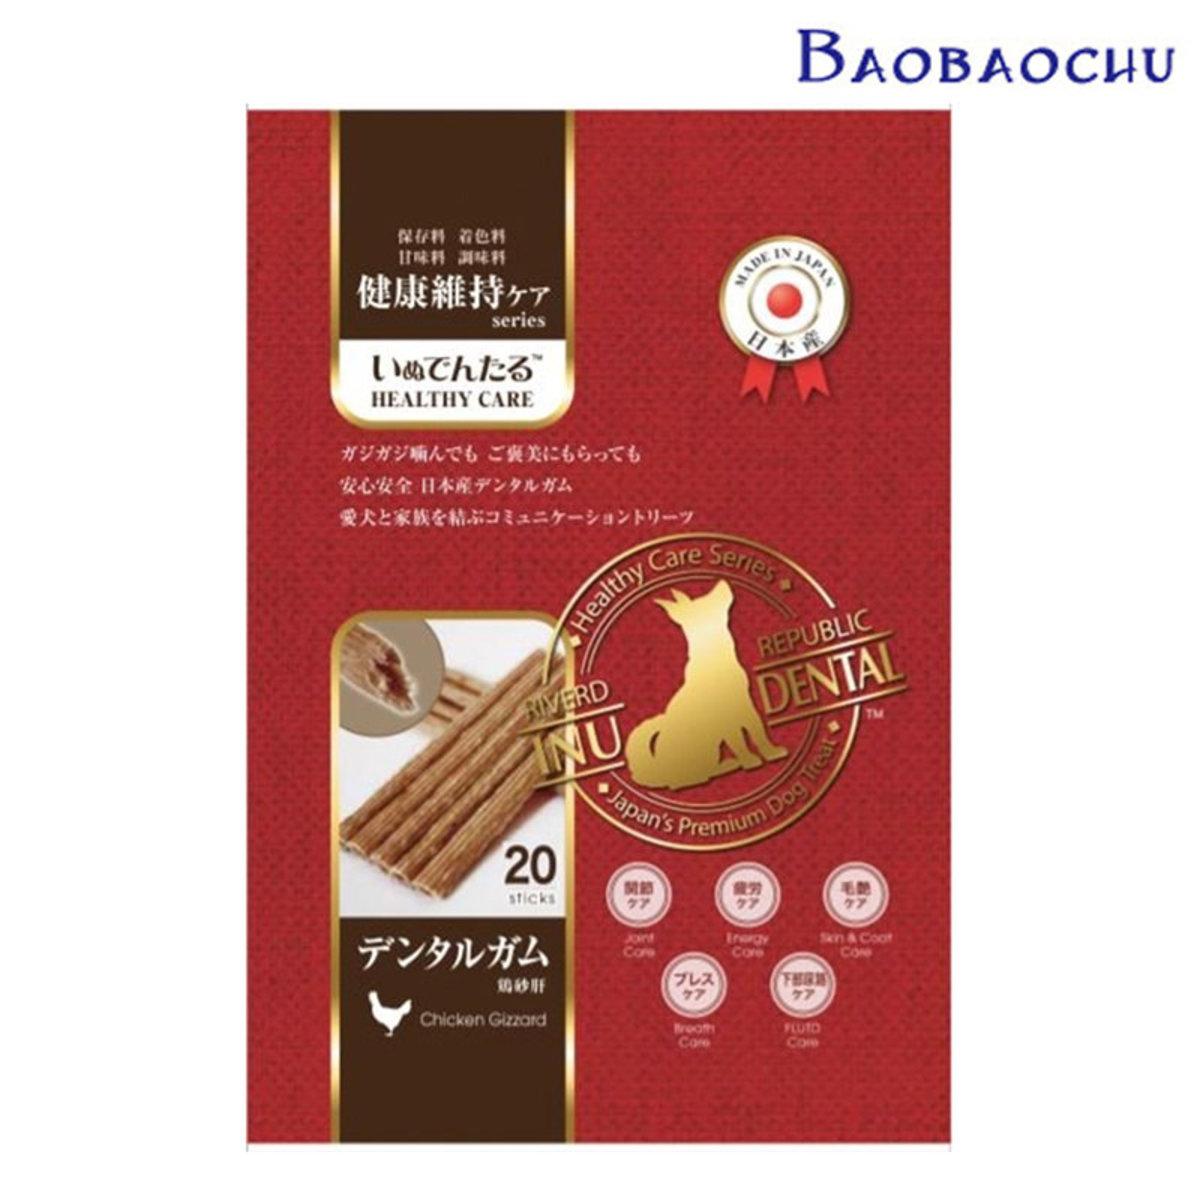 健康保養護理系列 蛋白膠原雞胗味牛皮潔齒棒(RRID-4479)